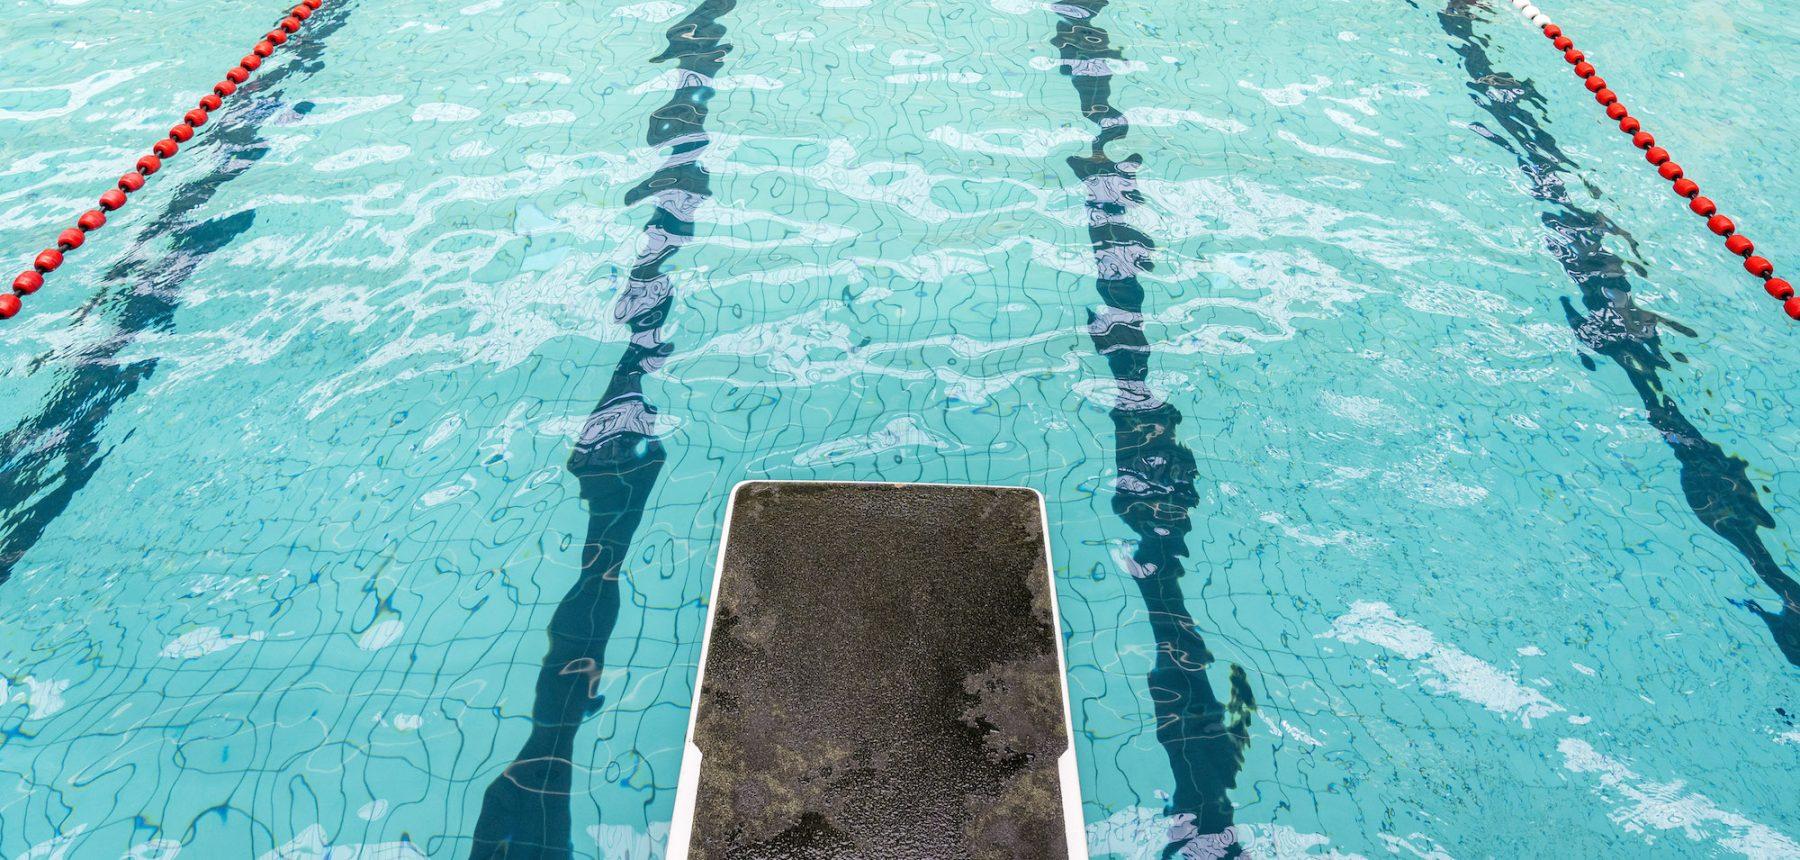 11-jarige Adonay uit Eritrea verdrinkt tijdens eerste zwemles